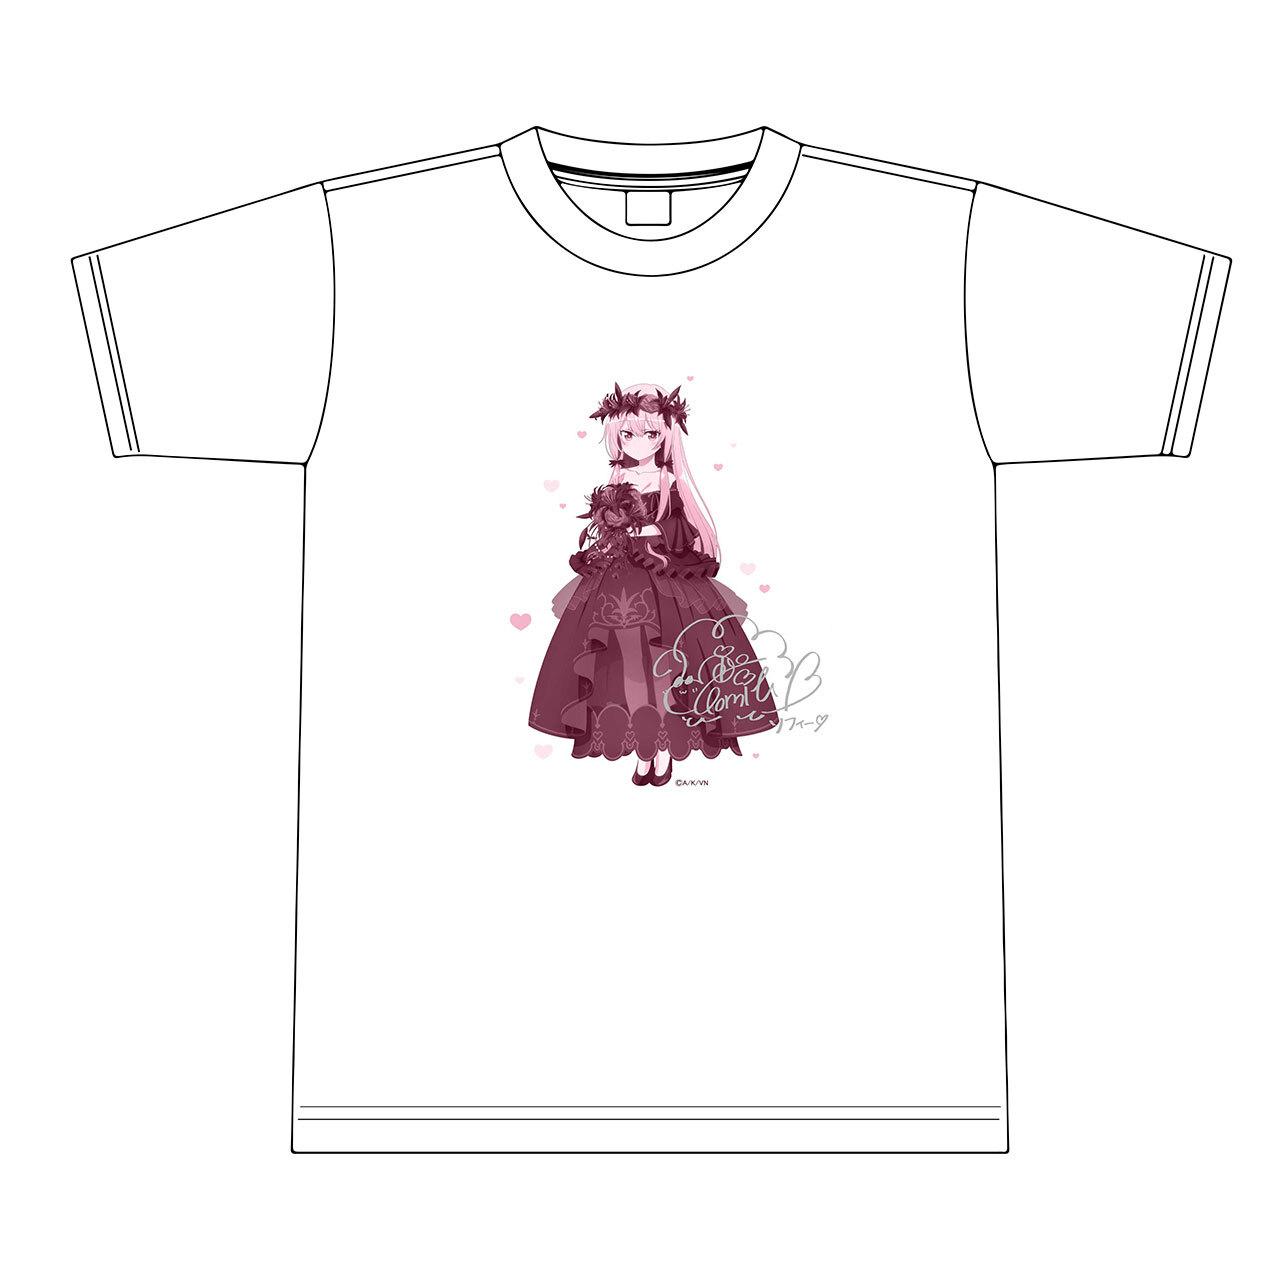 【4589839357043限】となりの吸血鬼さん【描き下ろし】ソフィー Tシャツ(銀箔サイン入り) L